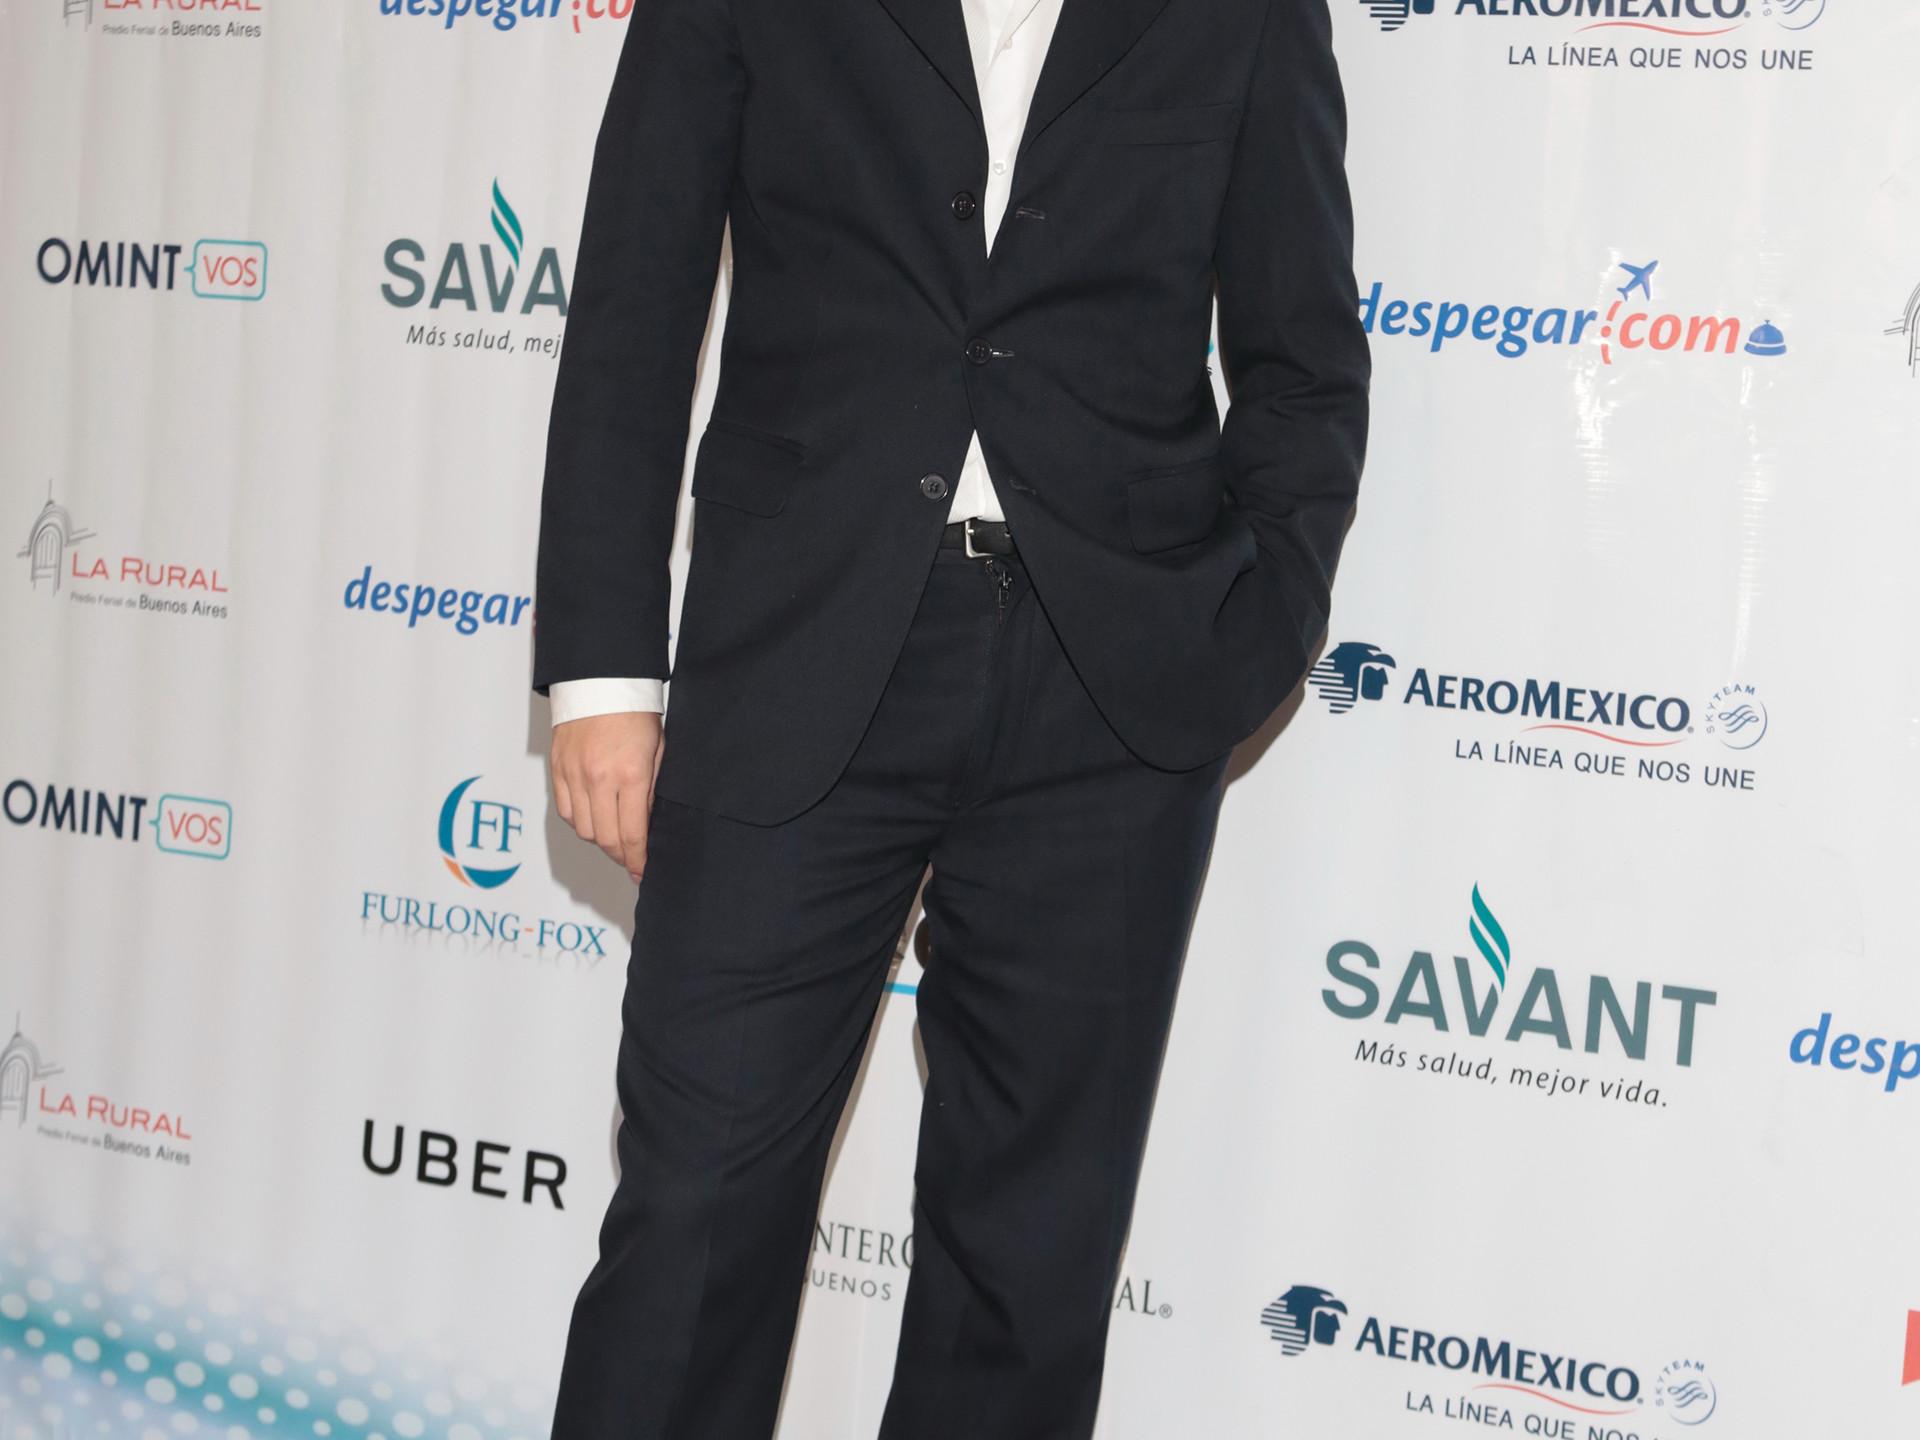 Leandro Viotto